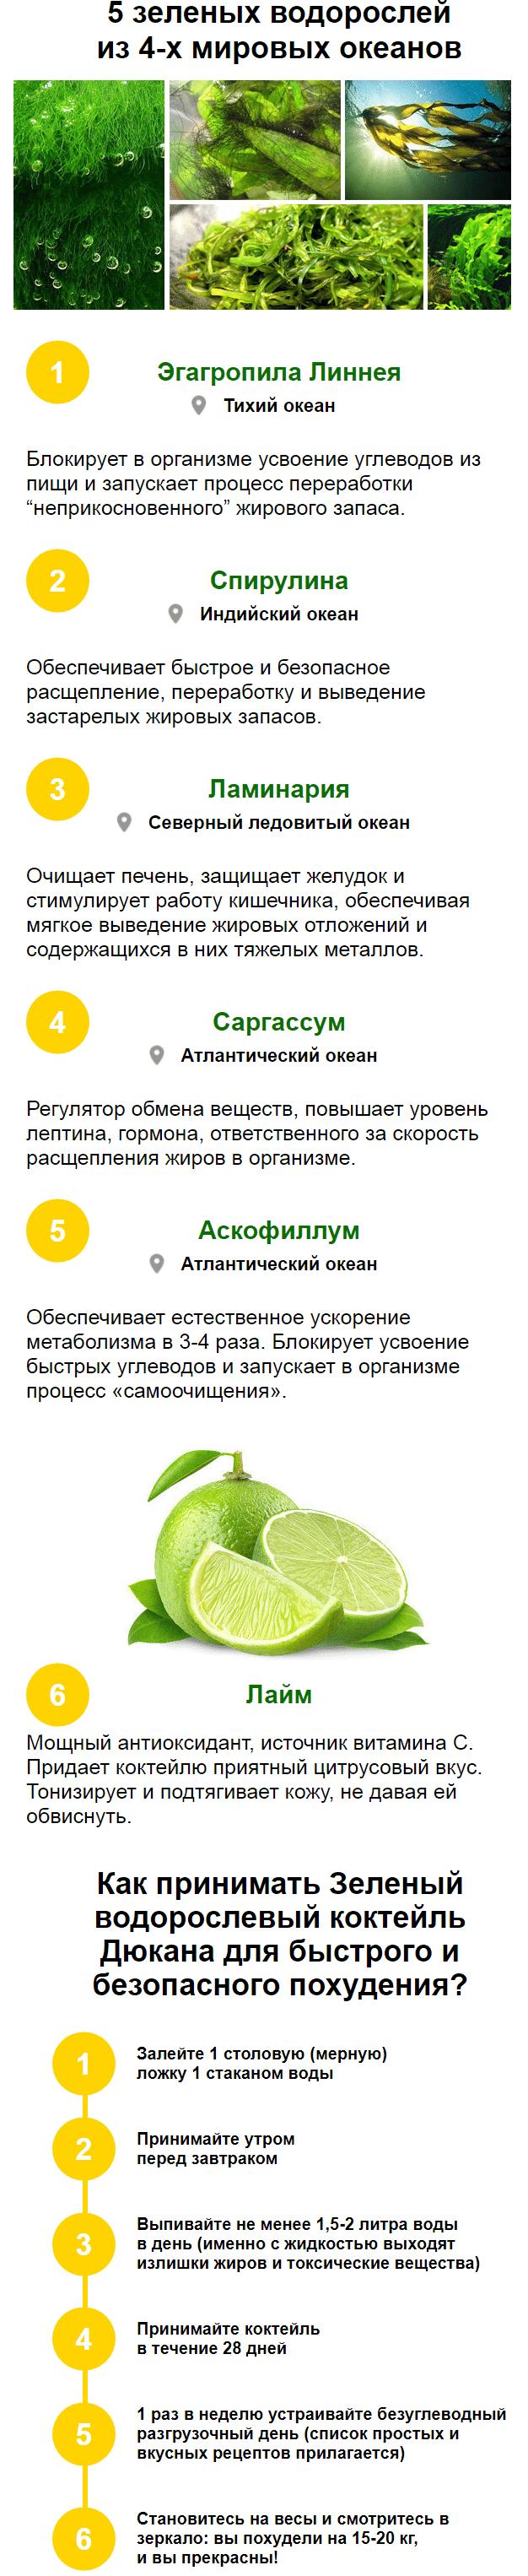 Зелёный коктейль Дюкана для похудения купить